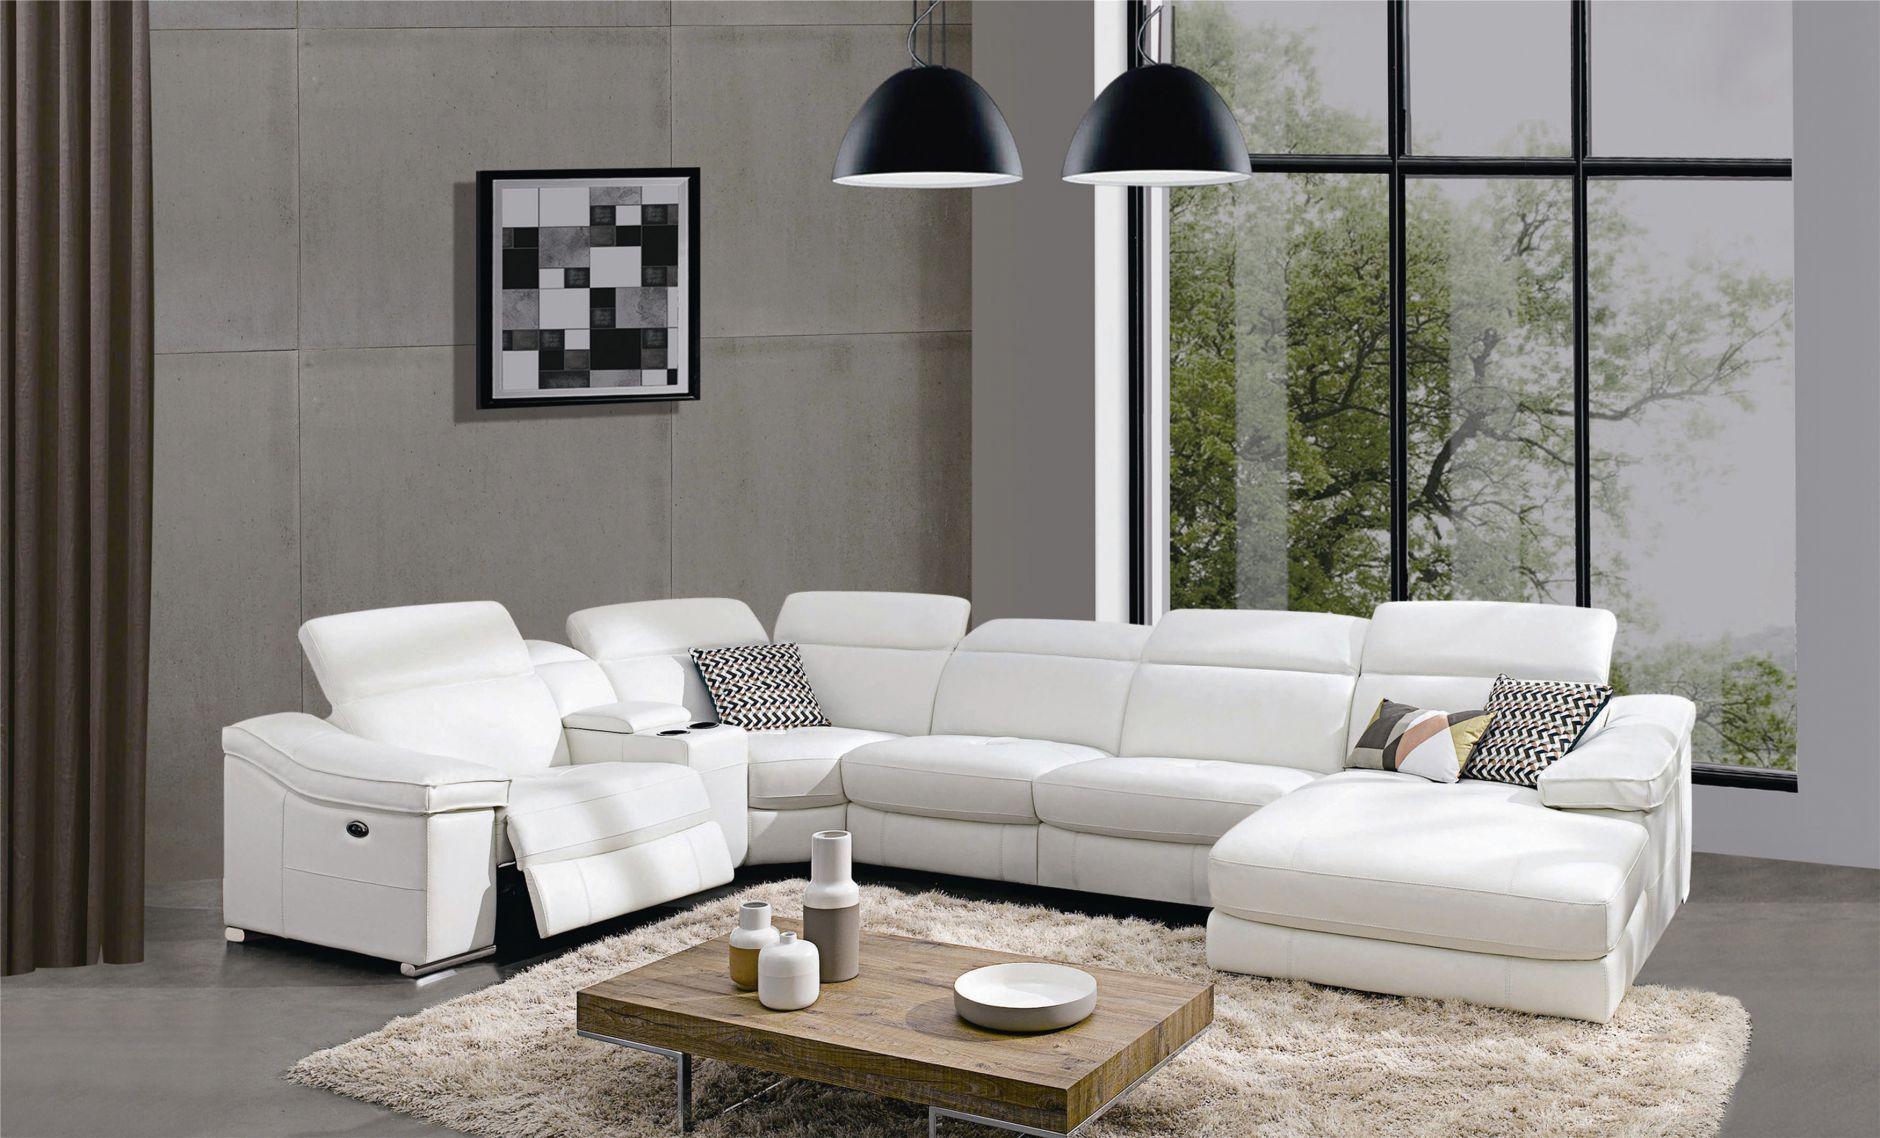 Sofa sectionnel sofa sectionnel 1589les meubles de l 39 italie for Meuble leon divan sectionnel